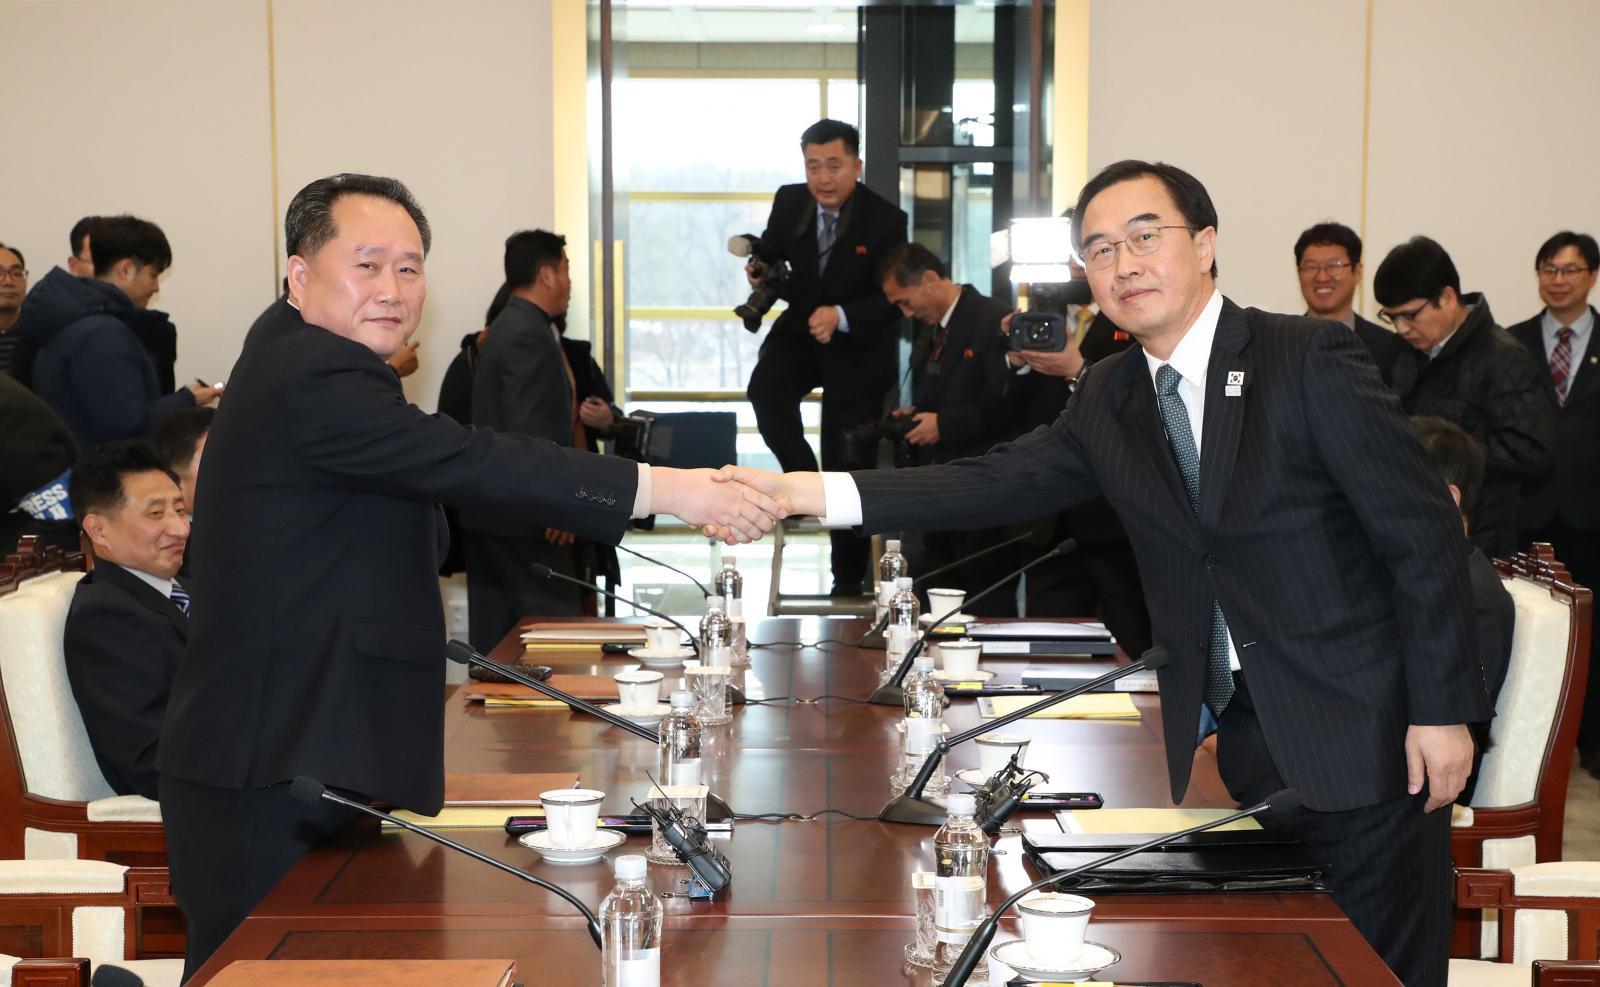 สองเกาหลีเปิดเจรจาอย่างเป็นทางการครั้งแรกในรอบ 2 ปี